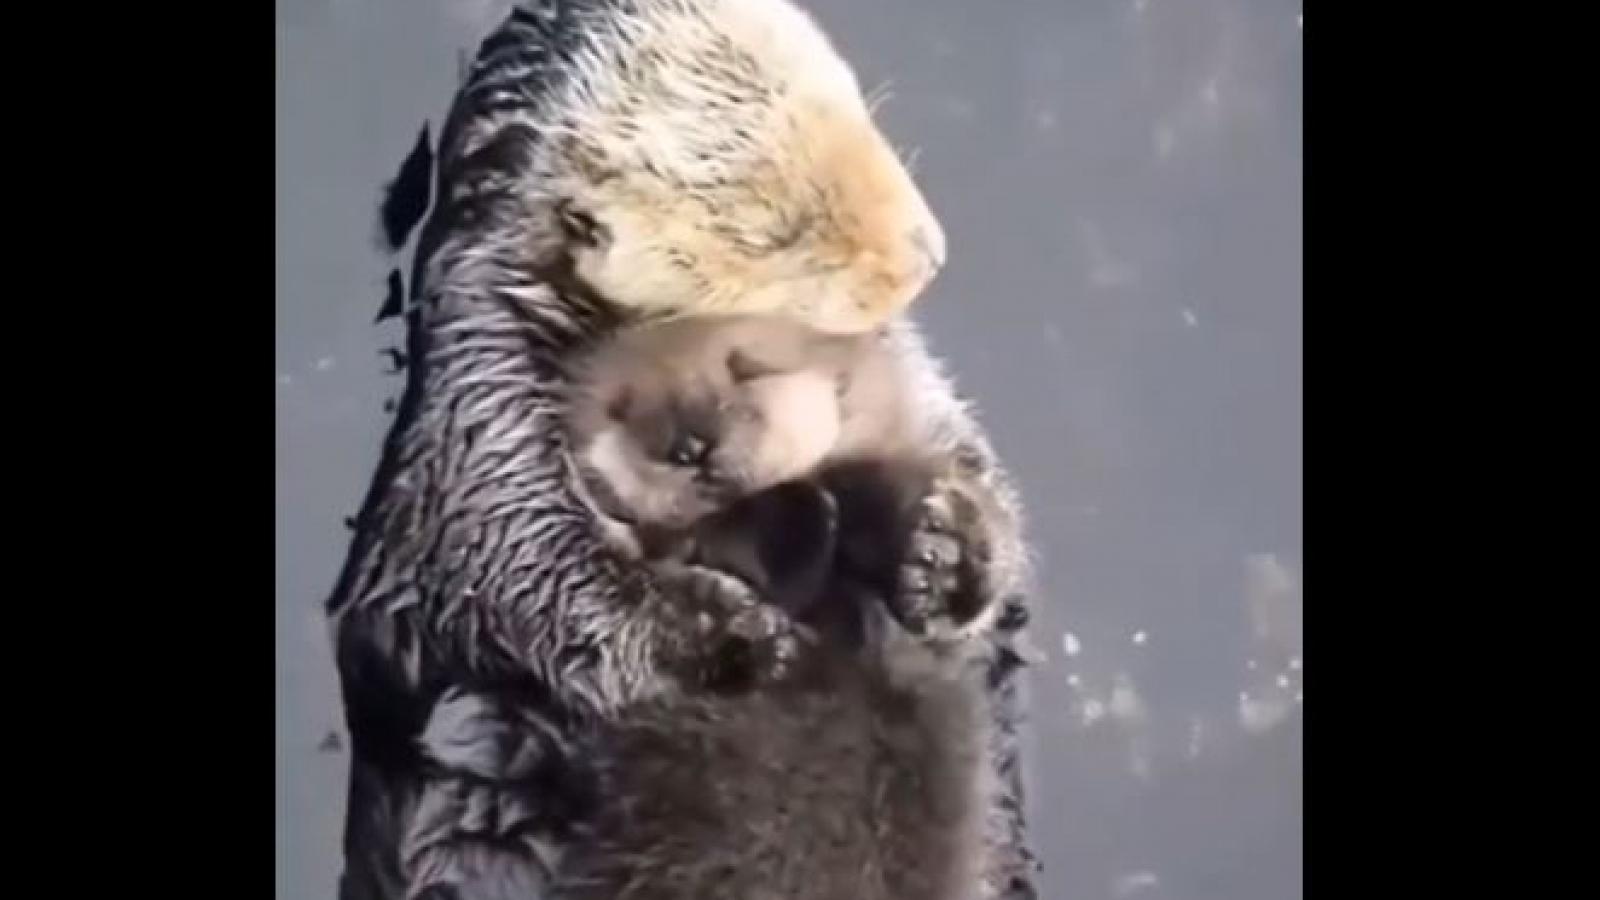 Tan chảy trước khoảnh khắc mẹ con rái cá nằm ôm nhau ngủ trên mặt nước